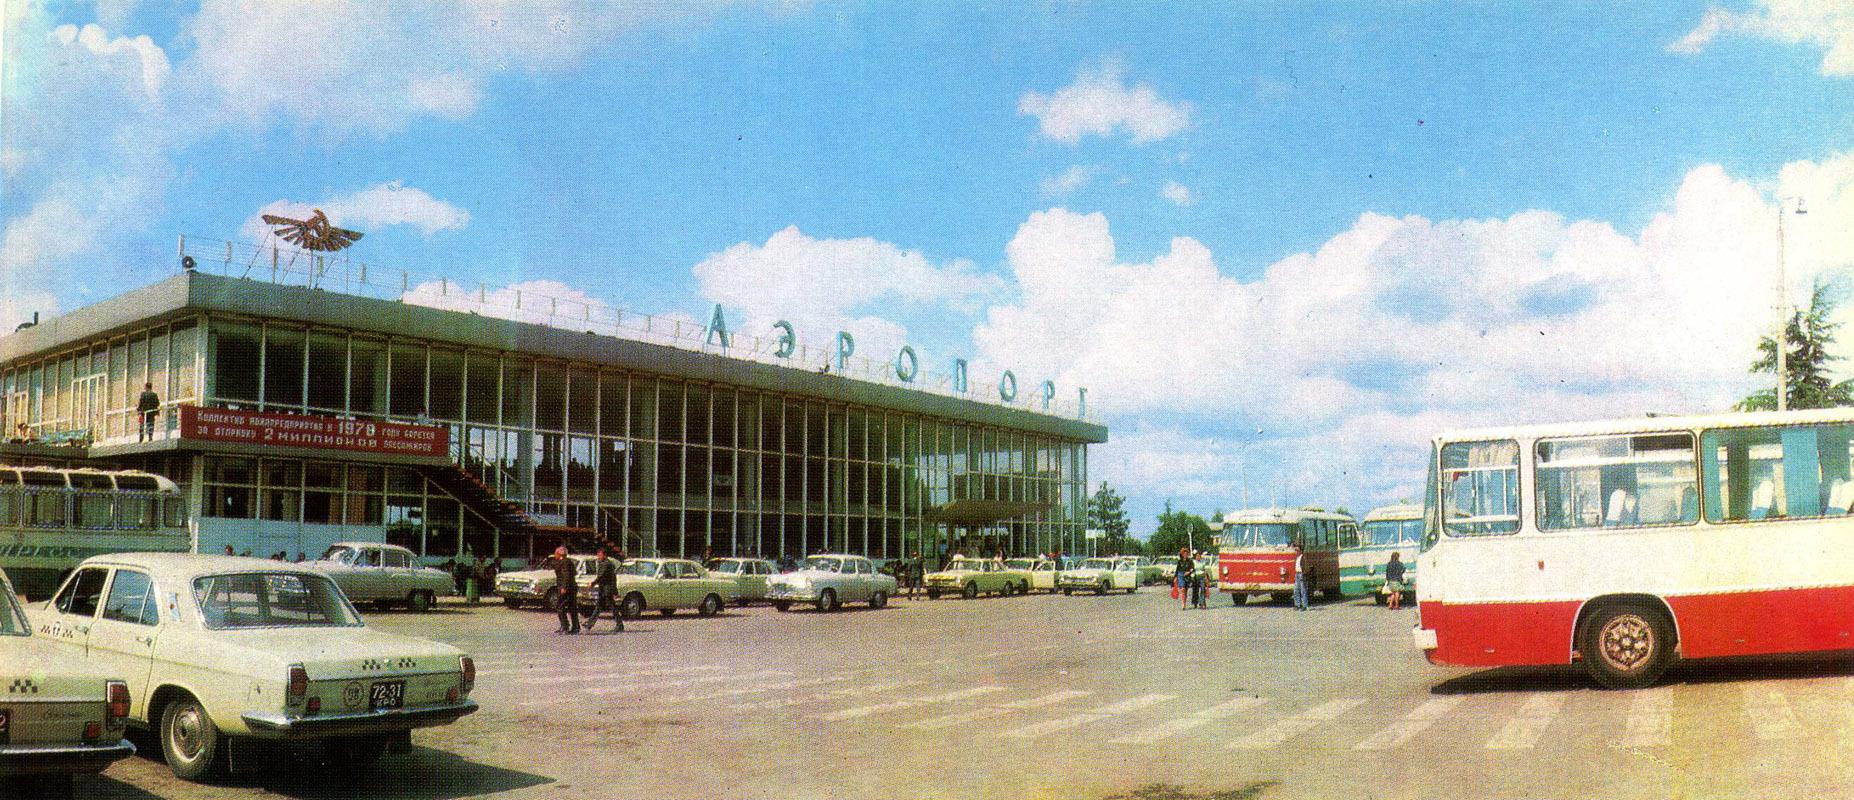 Аэропорту «Симферополь» исполнилось 84 года 1